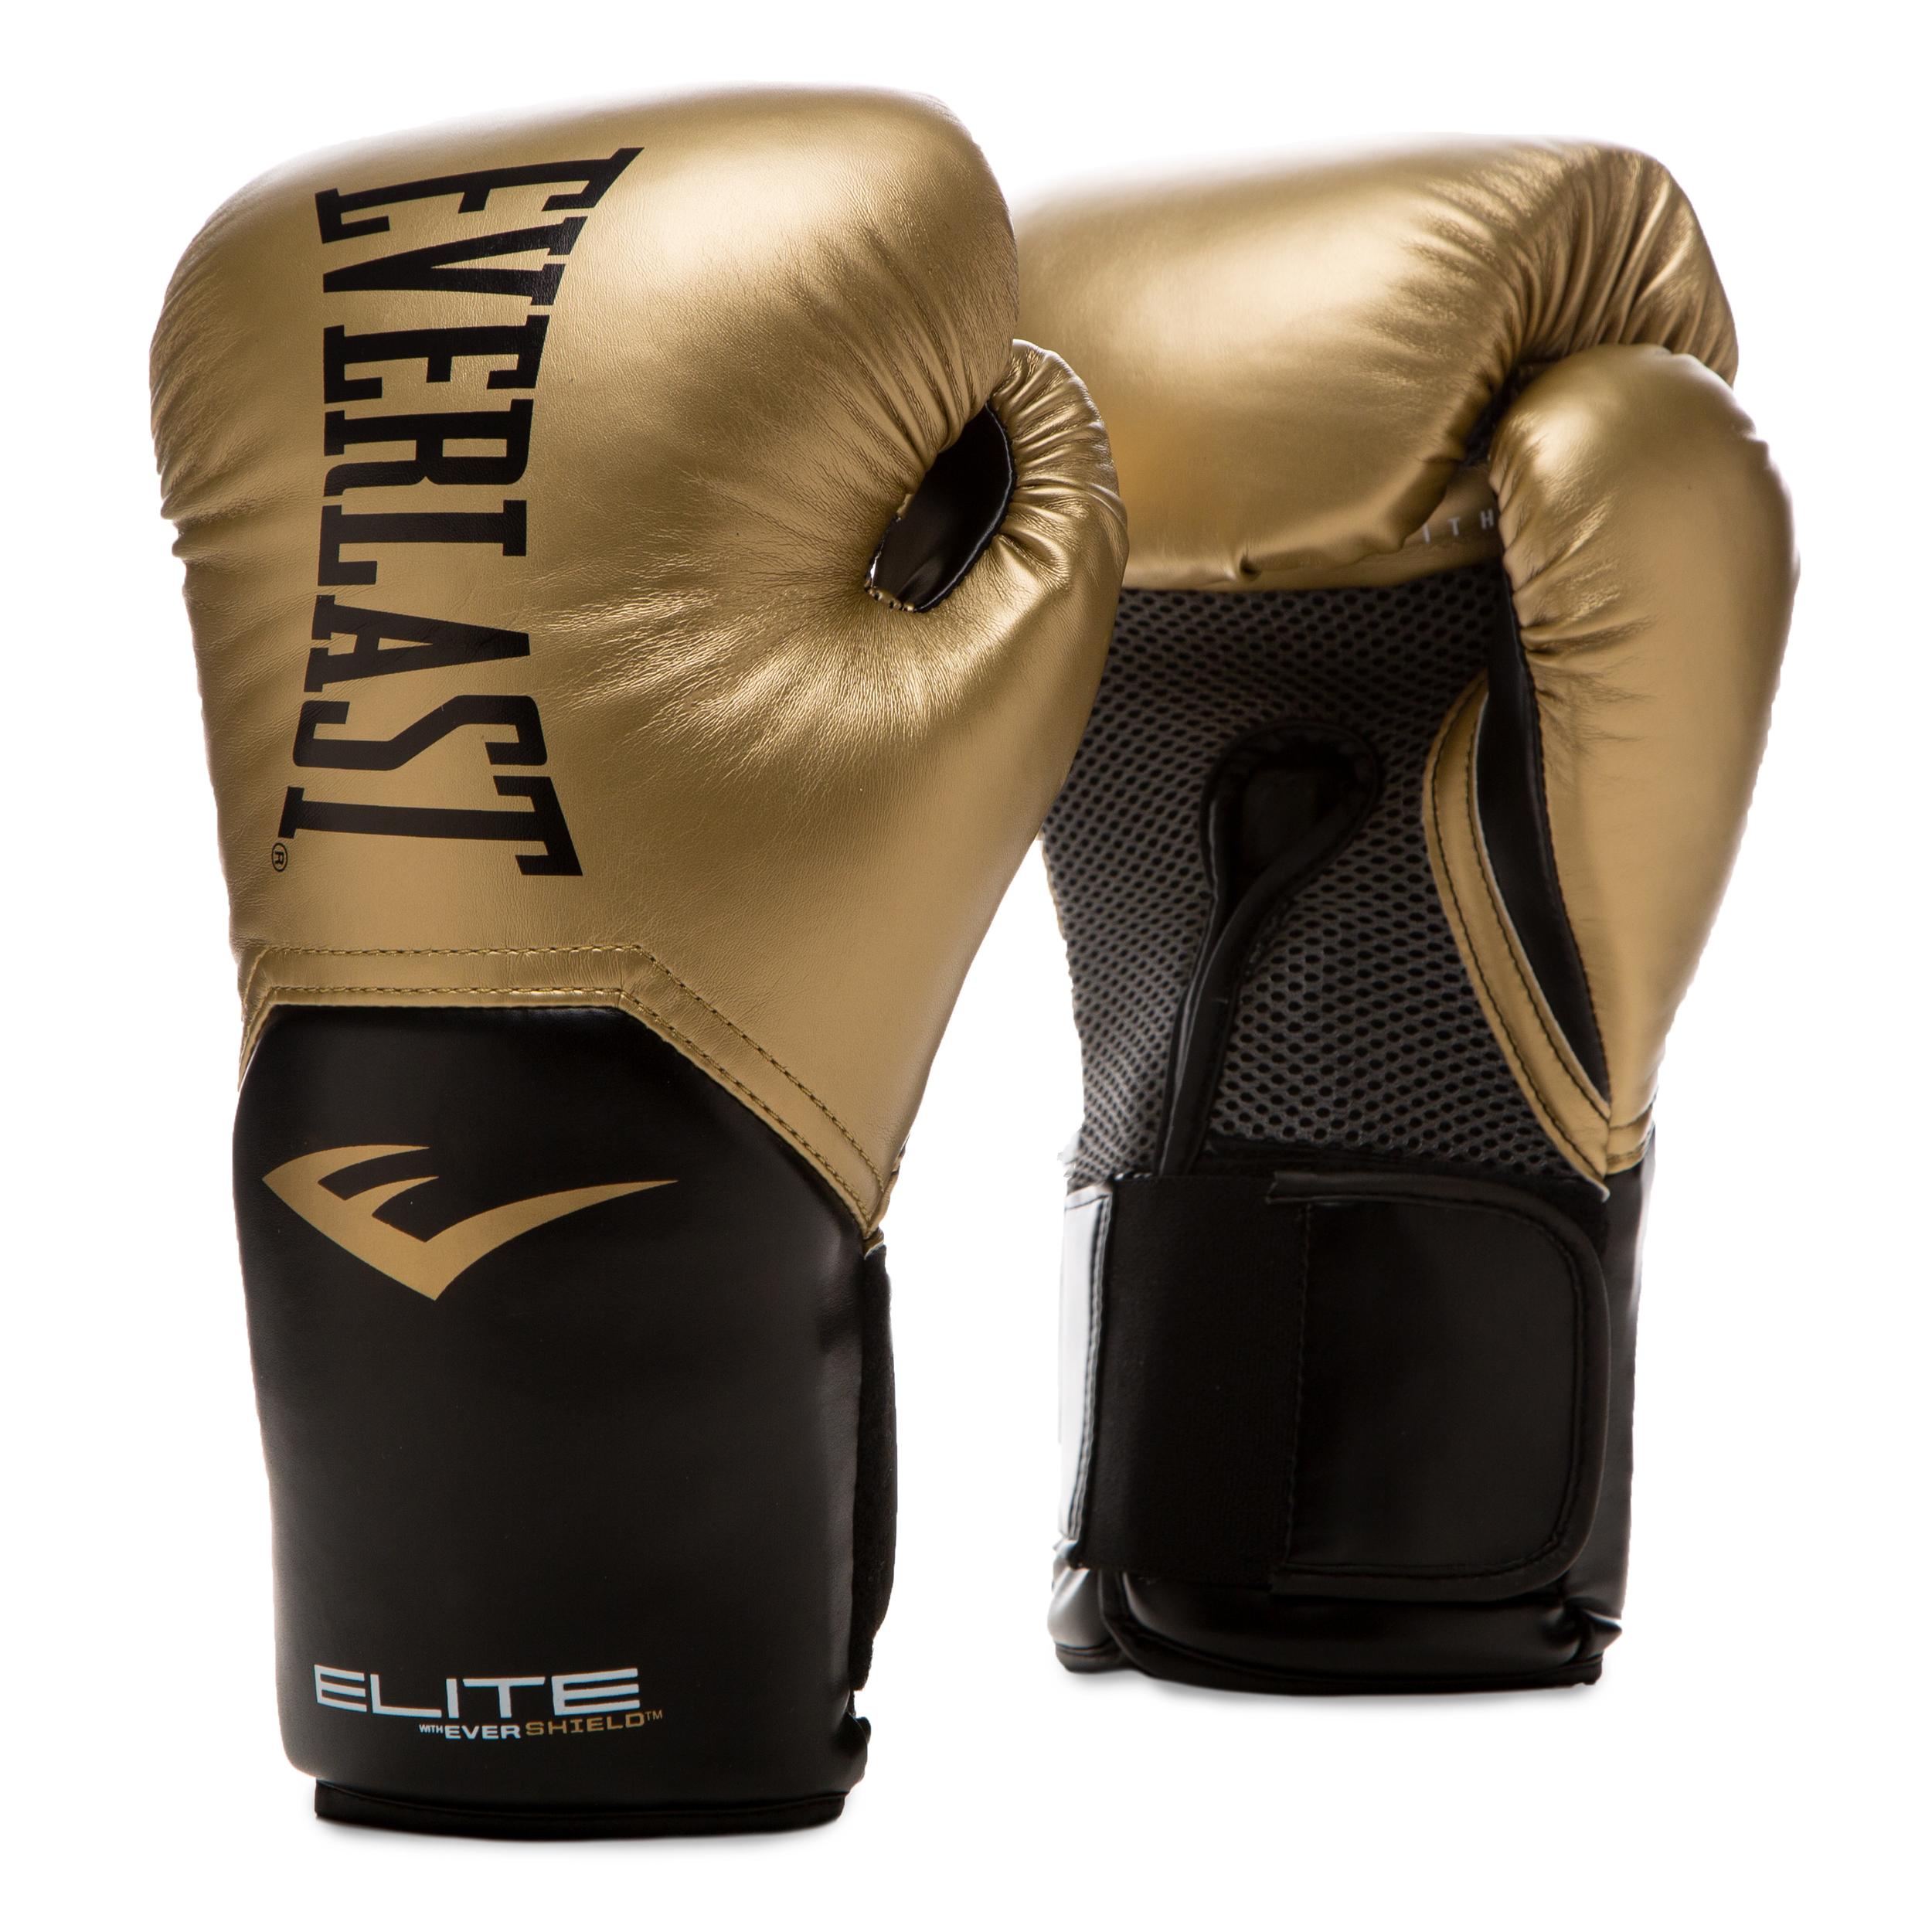 Gants de boxe Everlast Pro style elite Gold